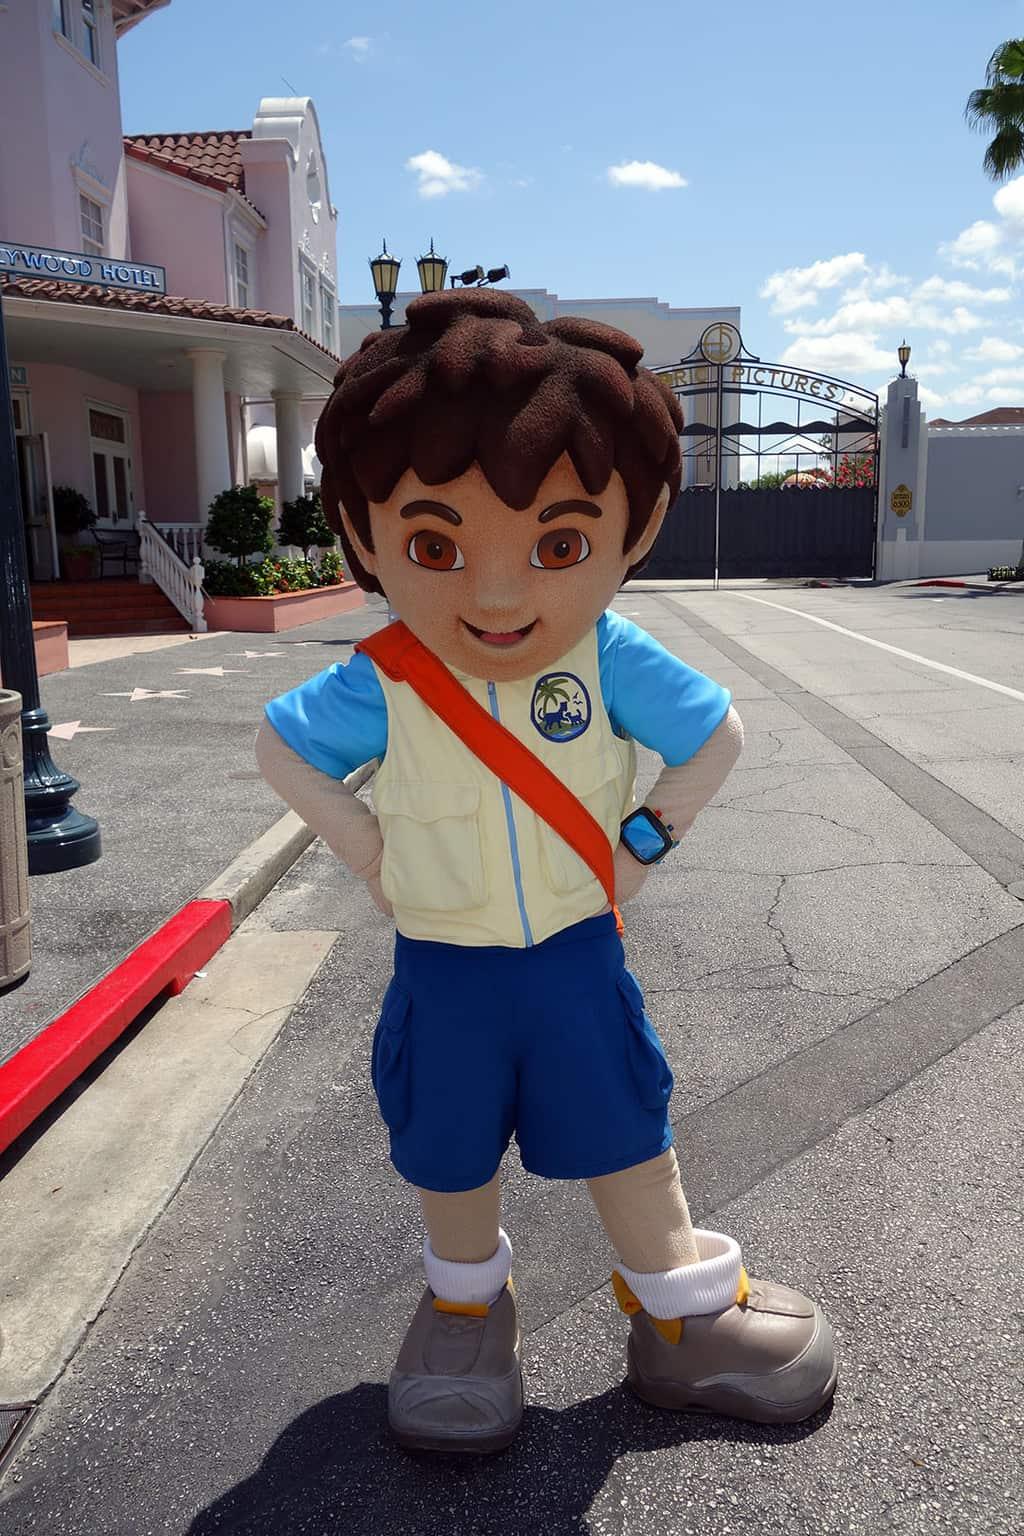 Diego Marquez at Universal Studios Orlando 2013